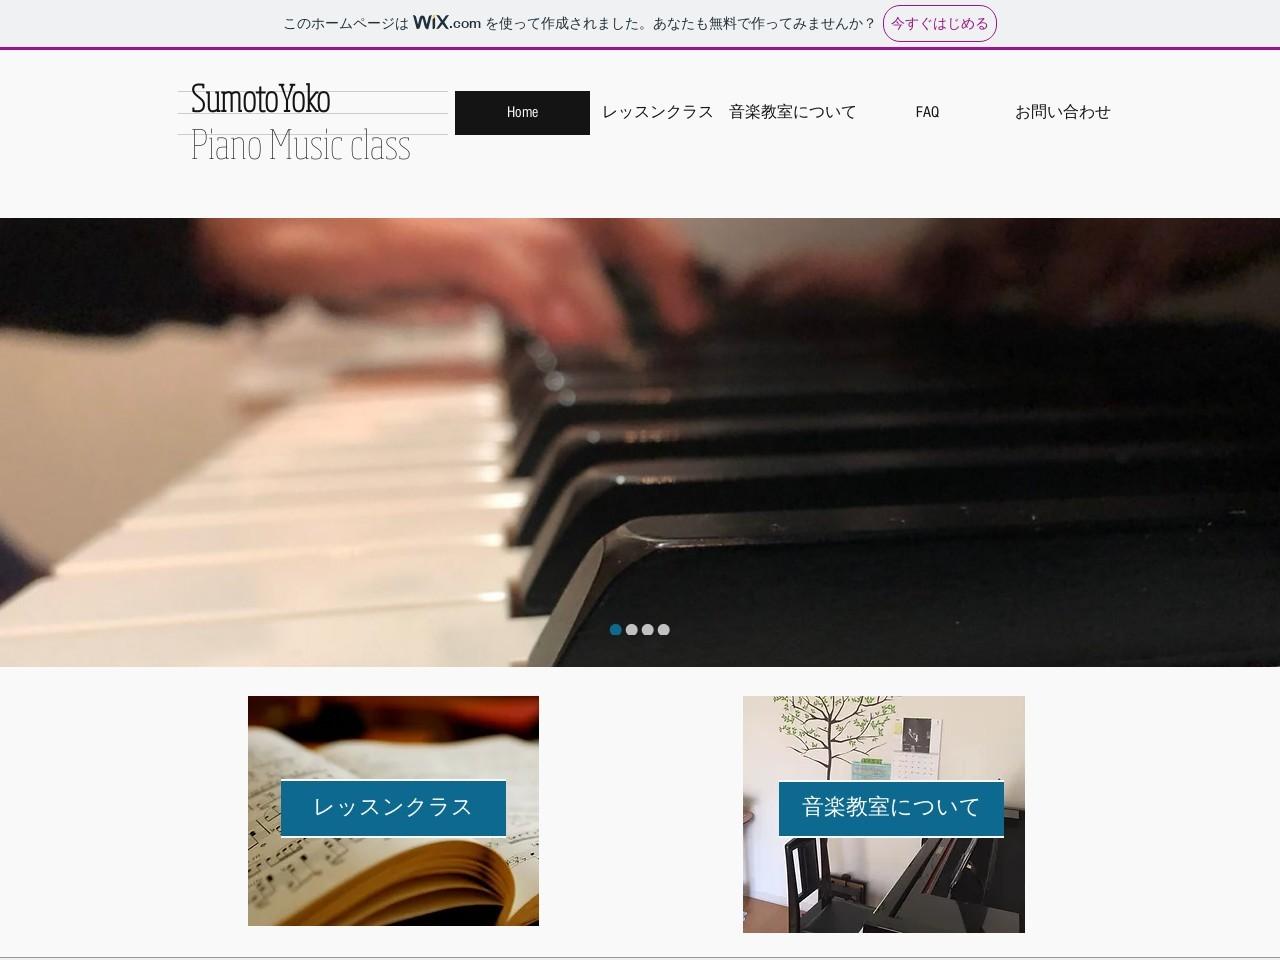 須本葉子ピアノ音楽教室のサムネイル